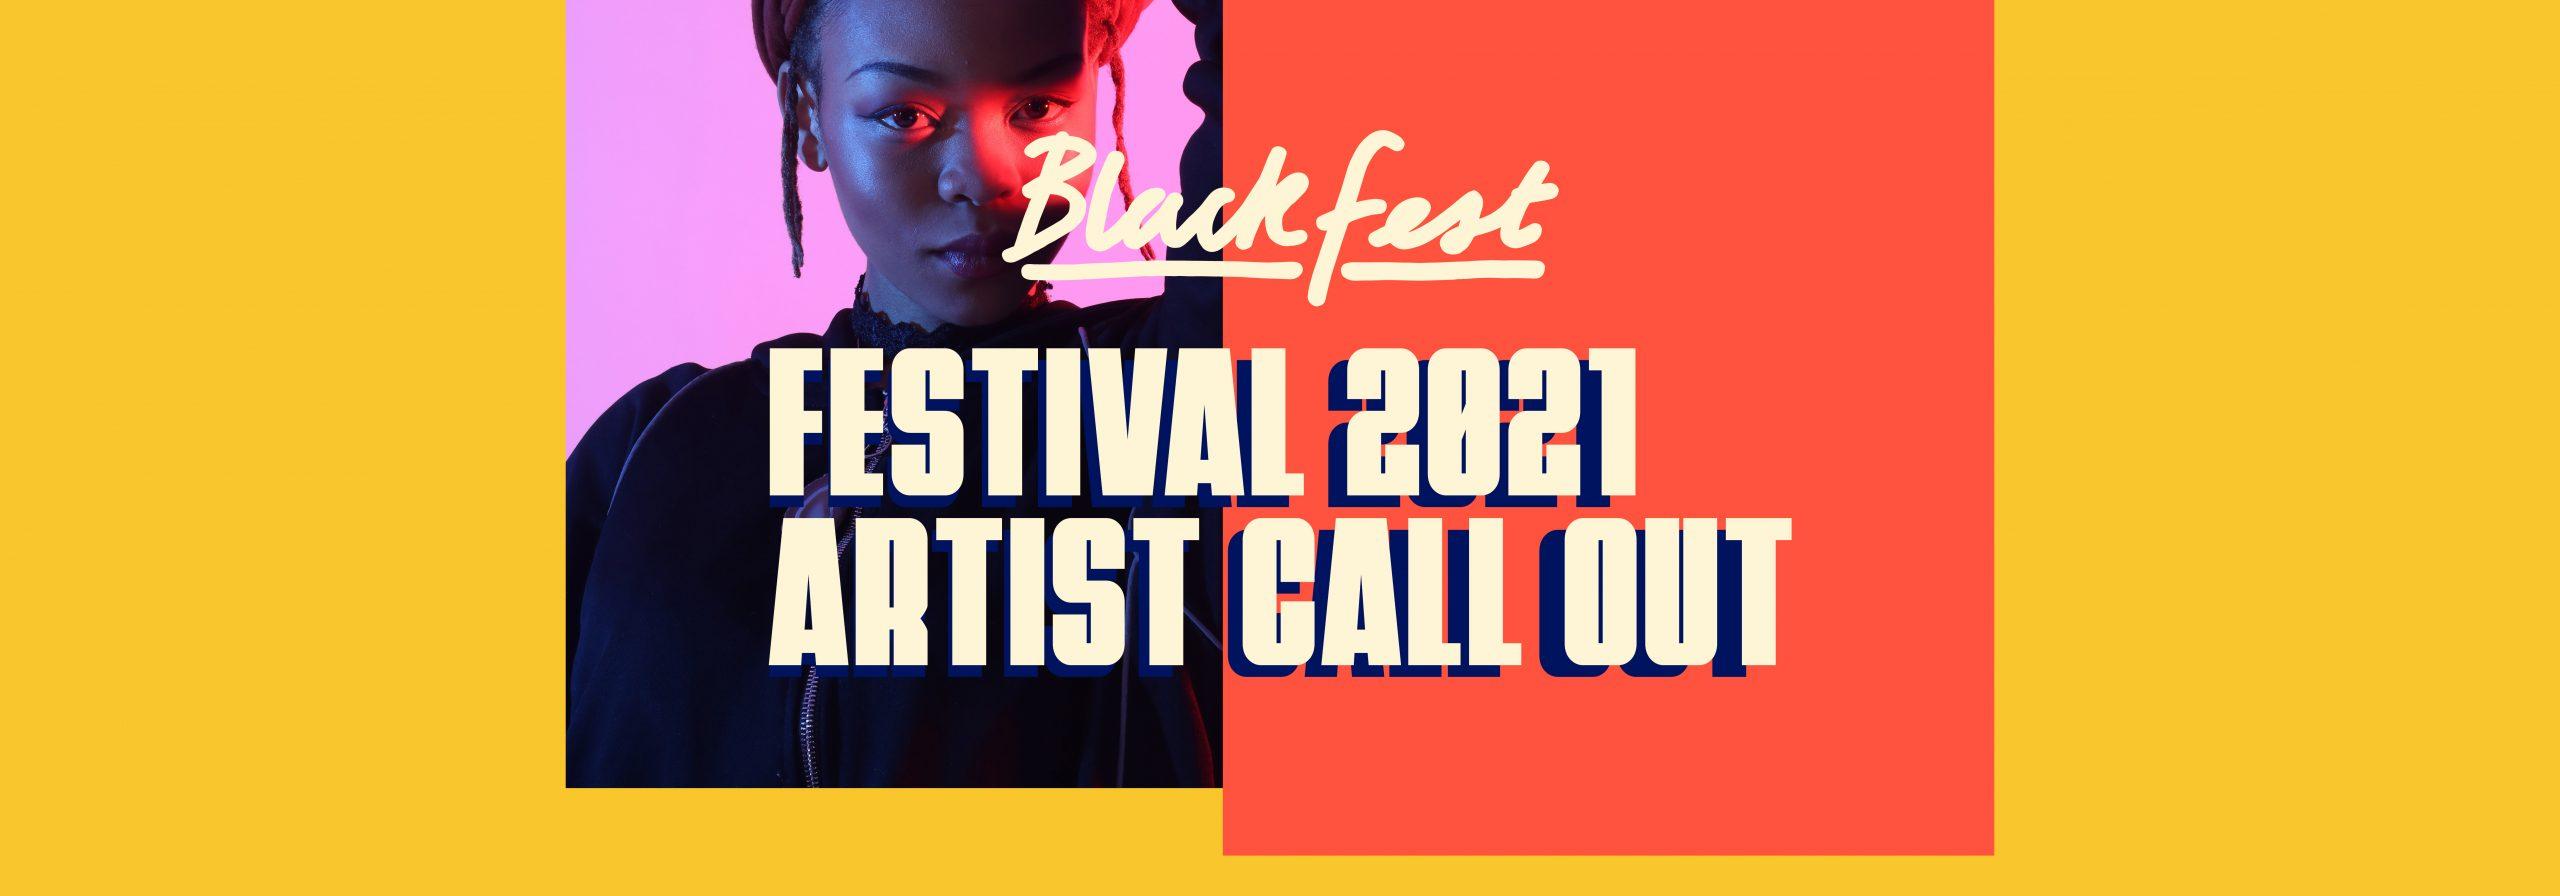 https://www.blackfest.co.uk/wp-content/uploads/2021/07/Banner-2-scaled.jpg